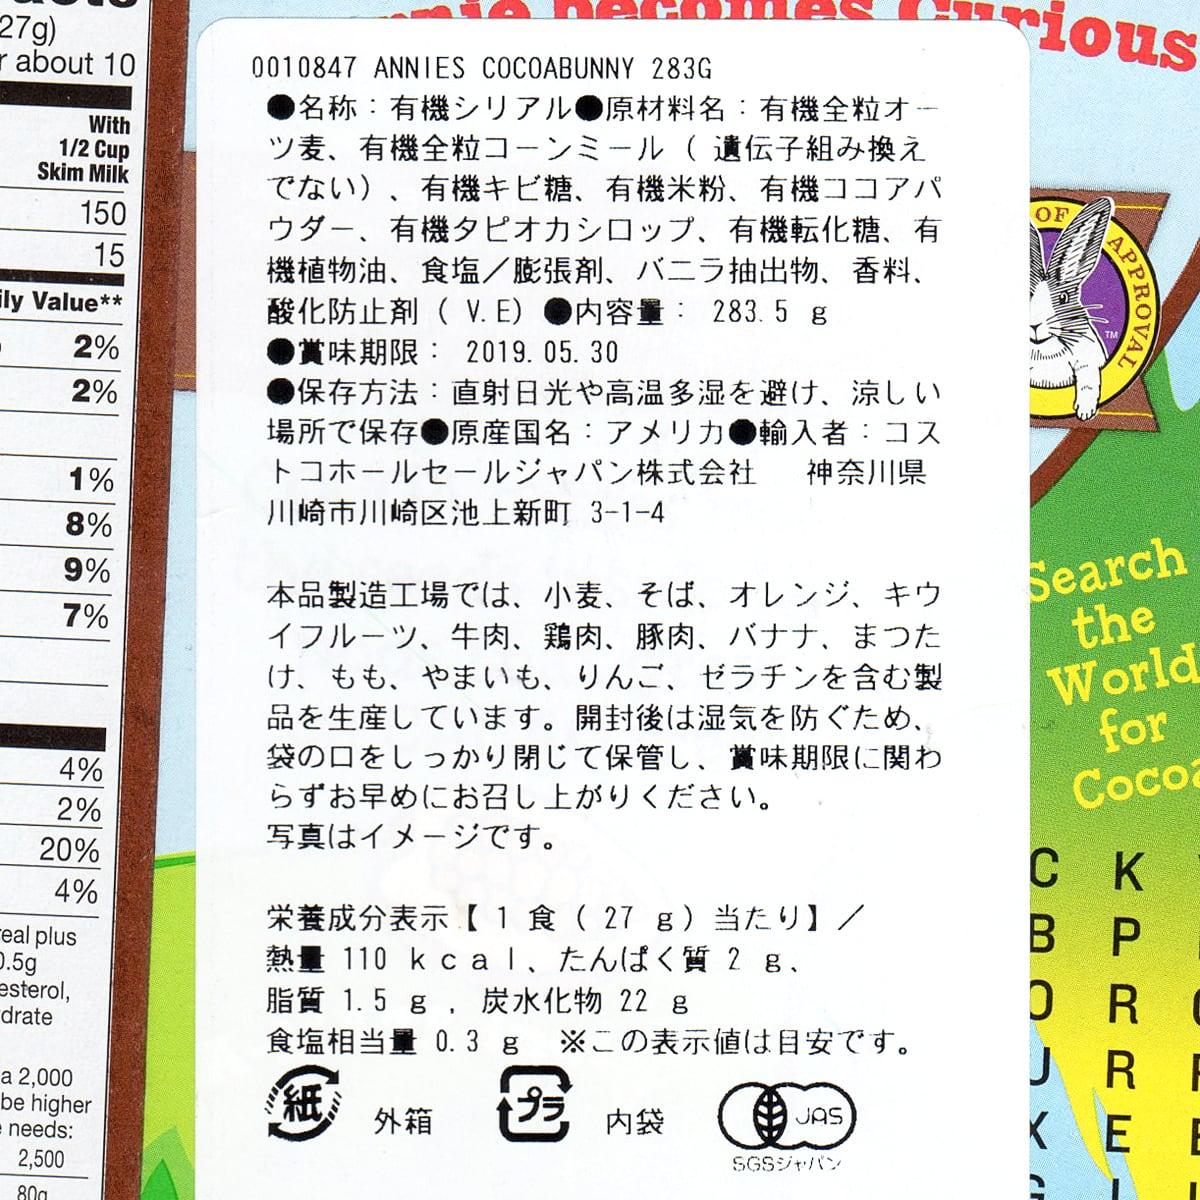 アニー オーガニックココアバニーズ 朝食シリアル 裏面ラベル(原材料・カロリーほか)